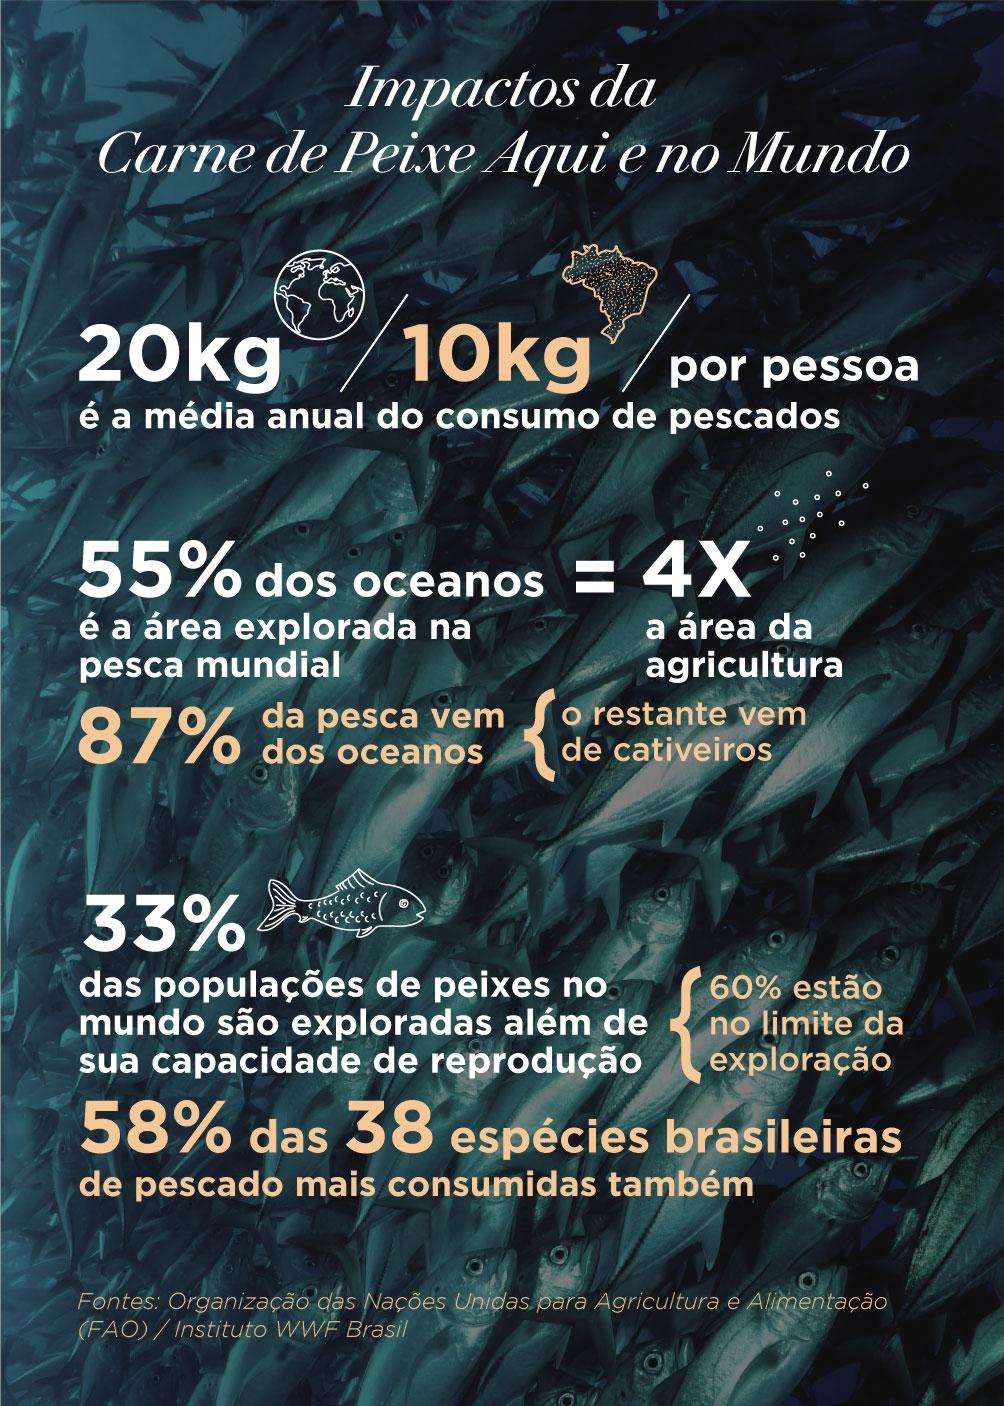 Infográfico com os impactos da Carne de Peixe na Saúde